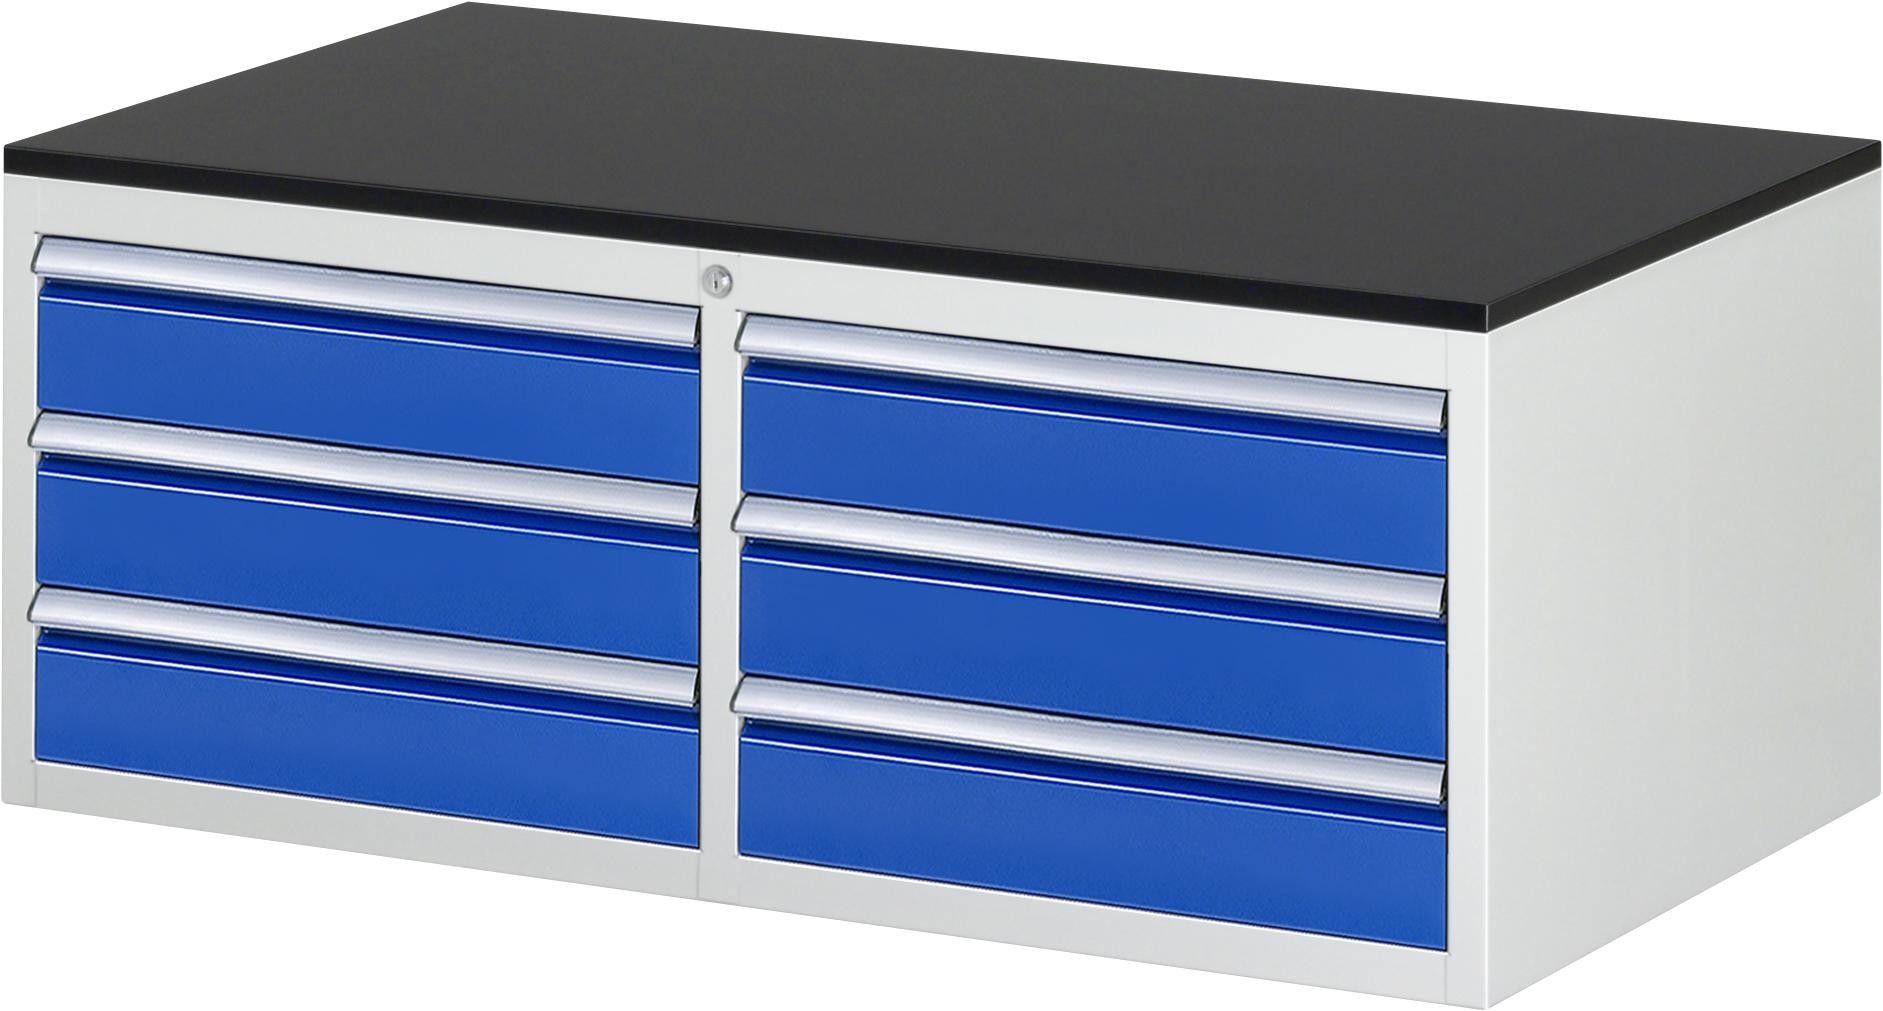 Schubladenschrank Serie 7000 Typ Ll5 20 1145x650x820mm Melamin Top Teilauszug In 2020 Schubladenschrank Schubladen Schubladenauszug